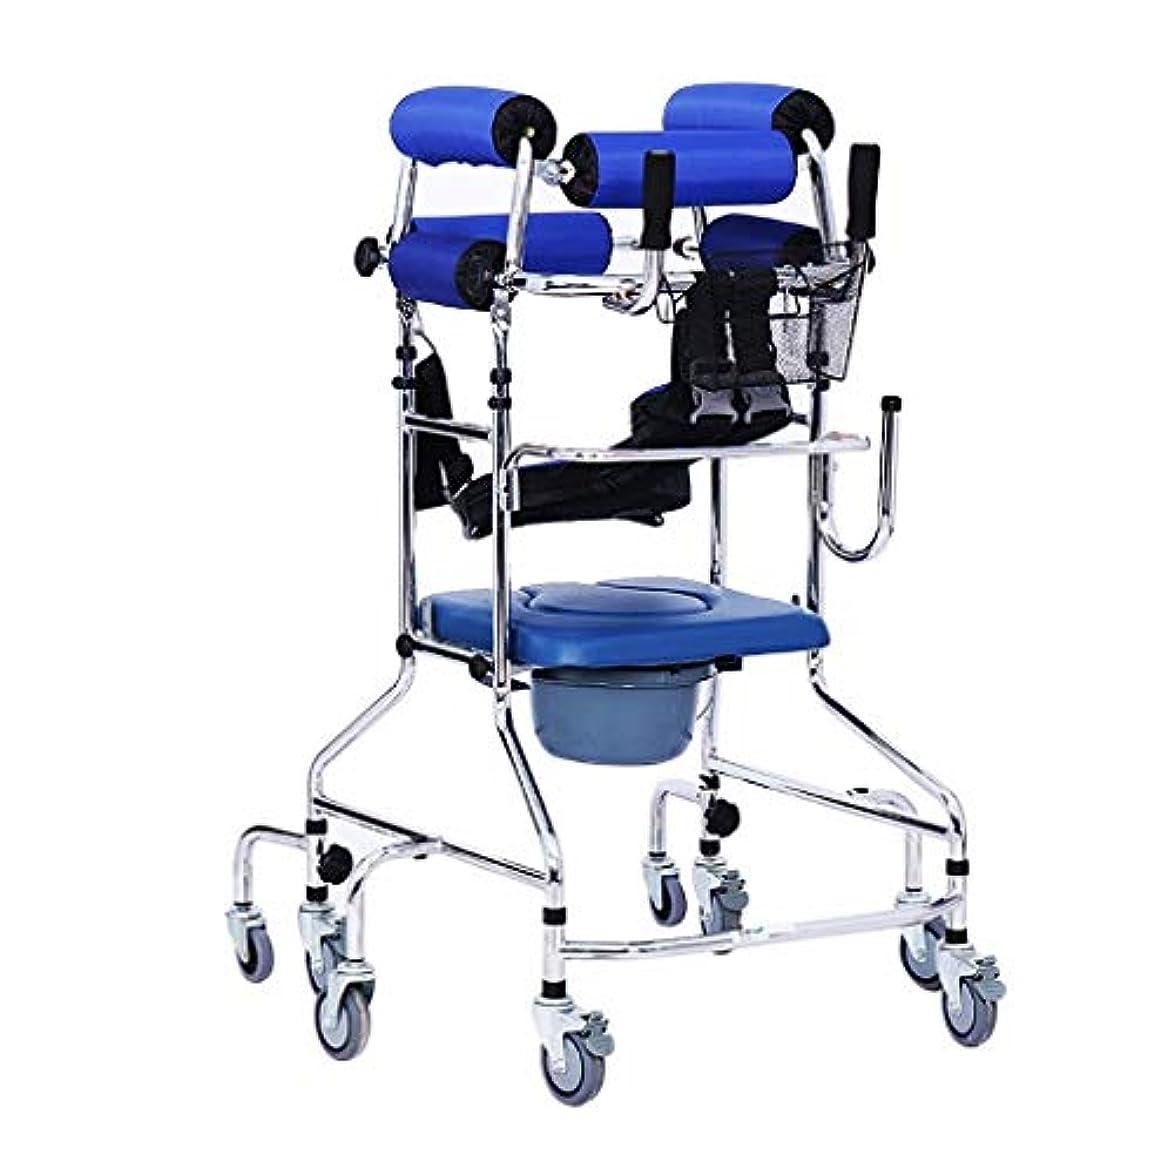 影アーサーコナンドイル寛大なBNSDMM 步行器 ウォーカー - 高齢者障害者用補助付きスタンドスクータートイレ8ラウンド - 後退防止プラストイレタイプ下肢トレーニングリハビリ機器高齢者歩行者